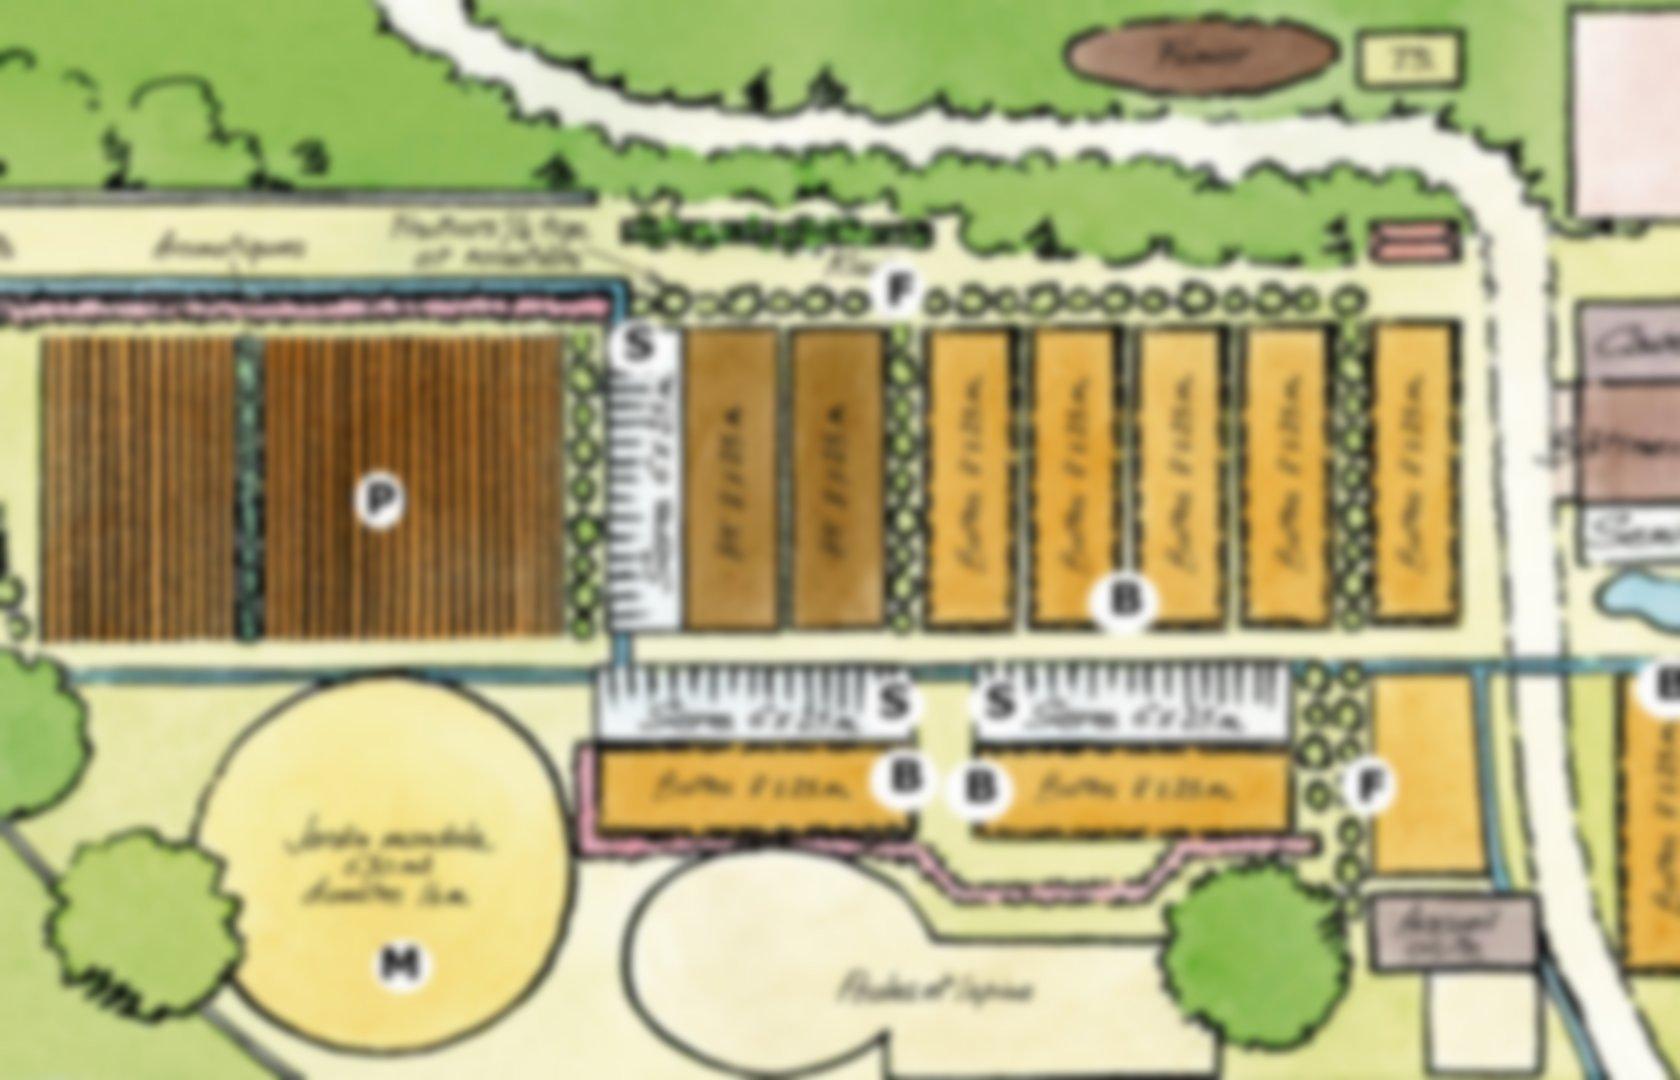 Plan, Organisation Du Potager | Pearltrees pour Organisation D Un Jardin Potager